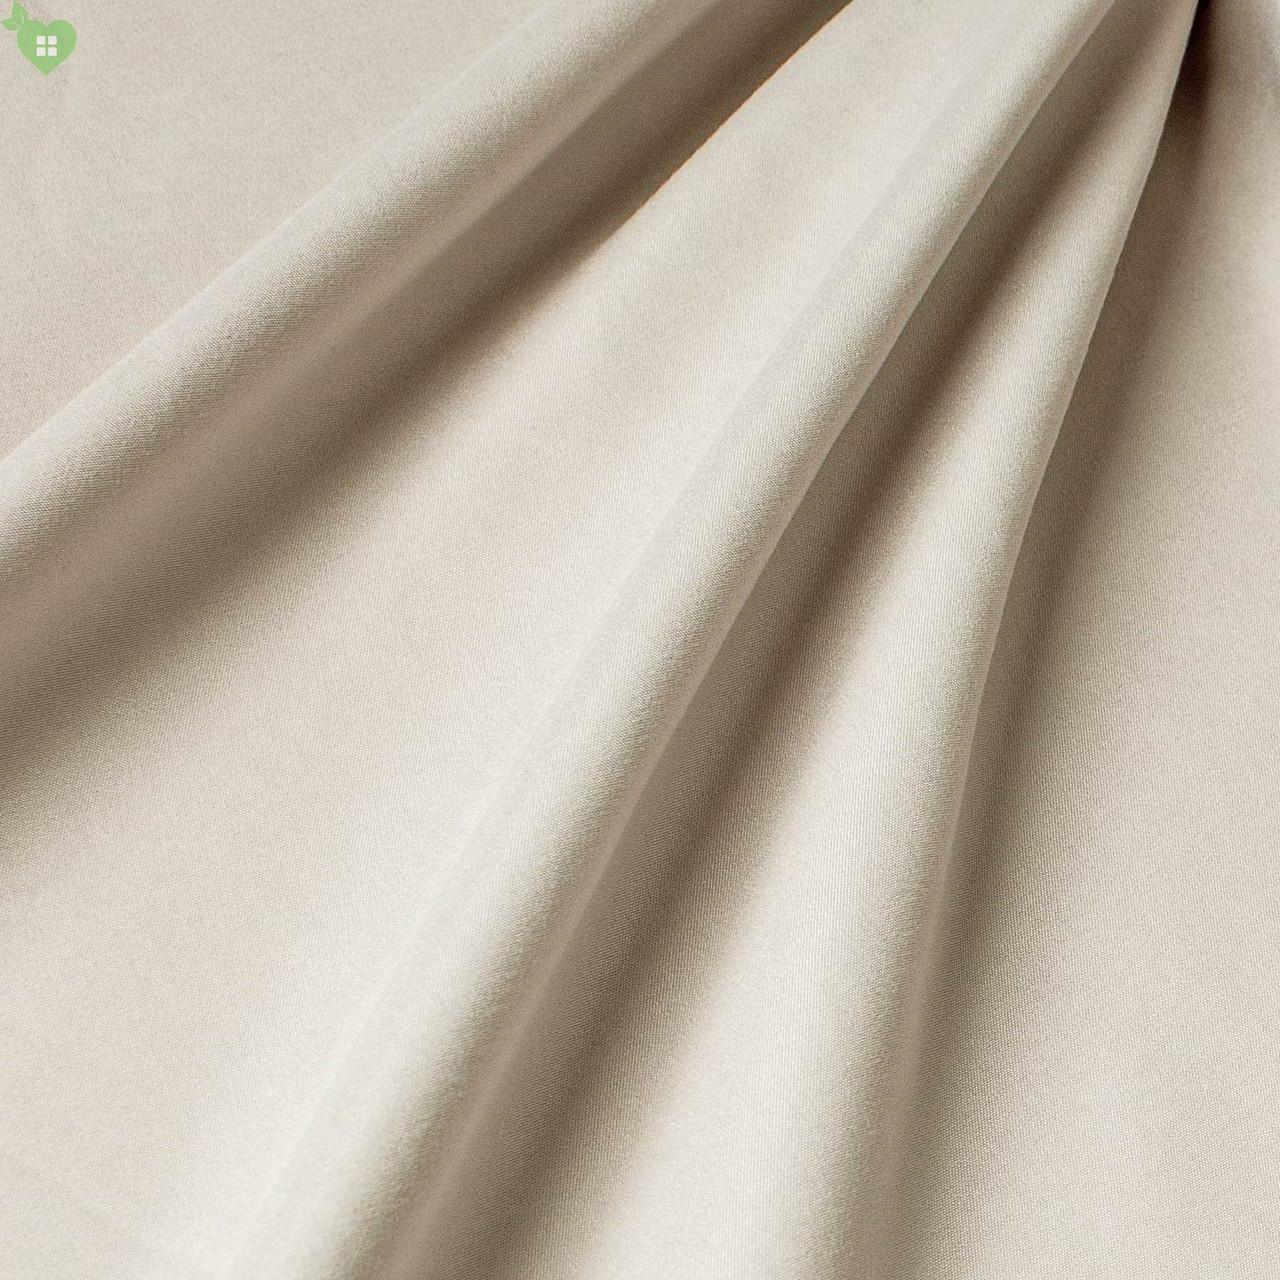 Підкладкова тканина з матовою фактурою світло-бежевого кольору без малюнка Іспанія 83301v4